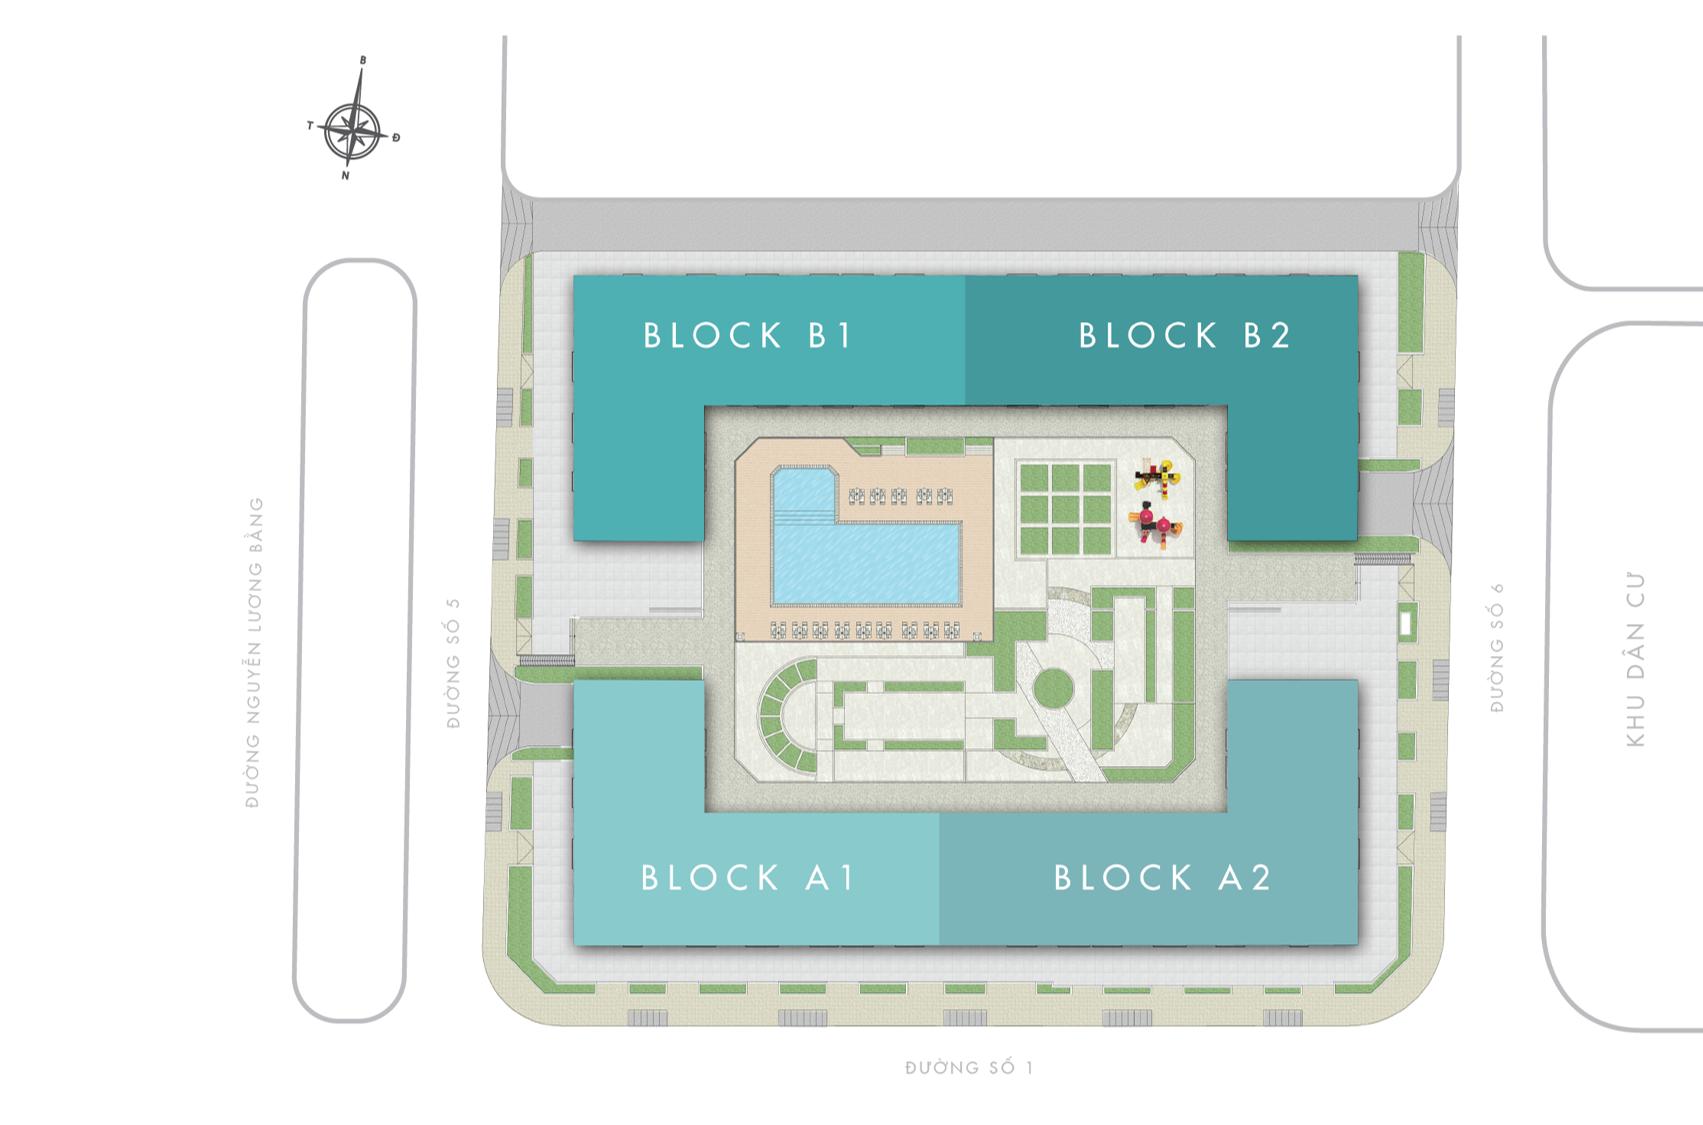 Mặt bằng tổng thể dự án Q7 Boulevard